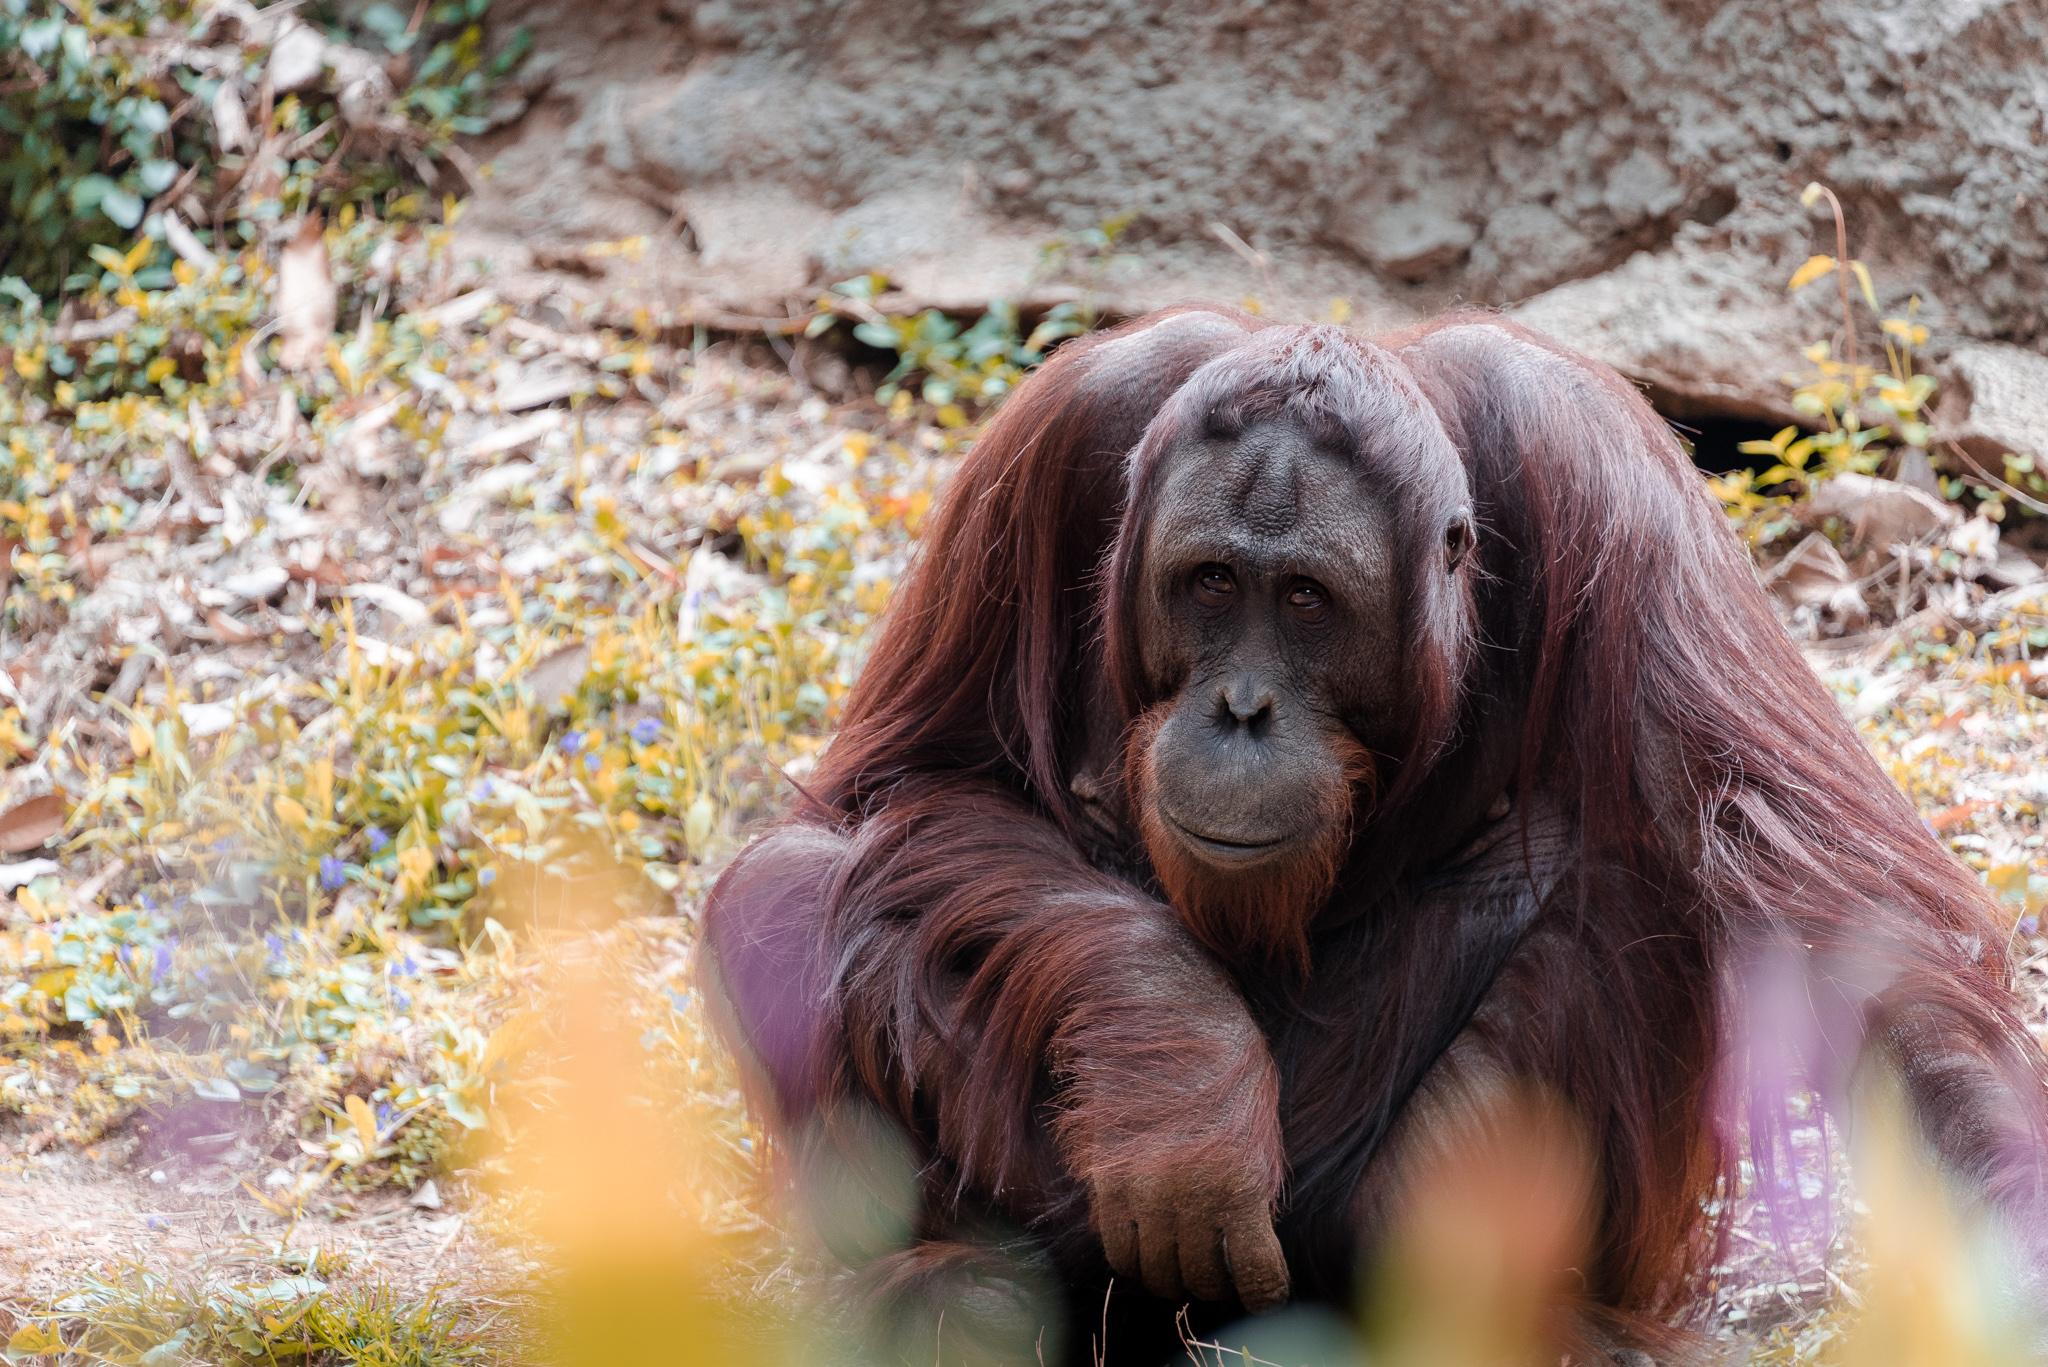 2017-03-11 - Zoo Atlanta - 042